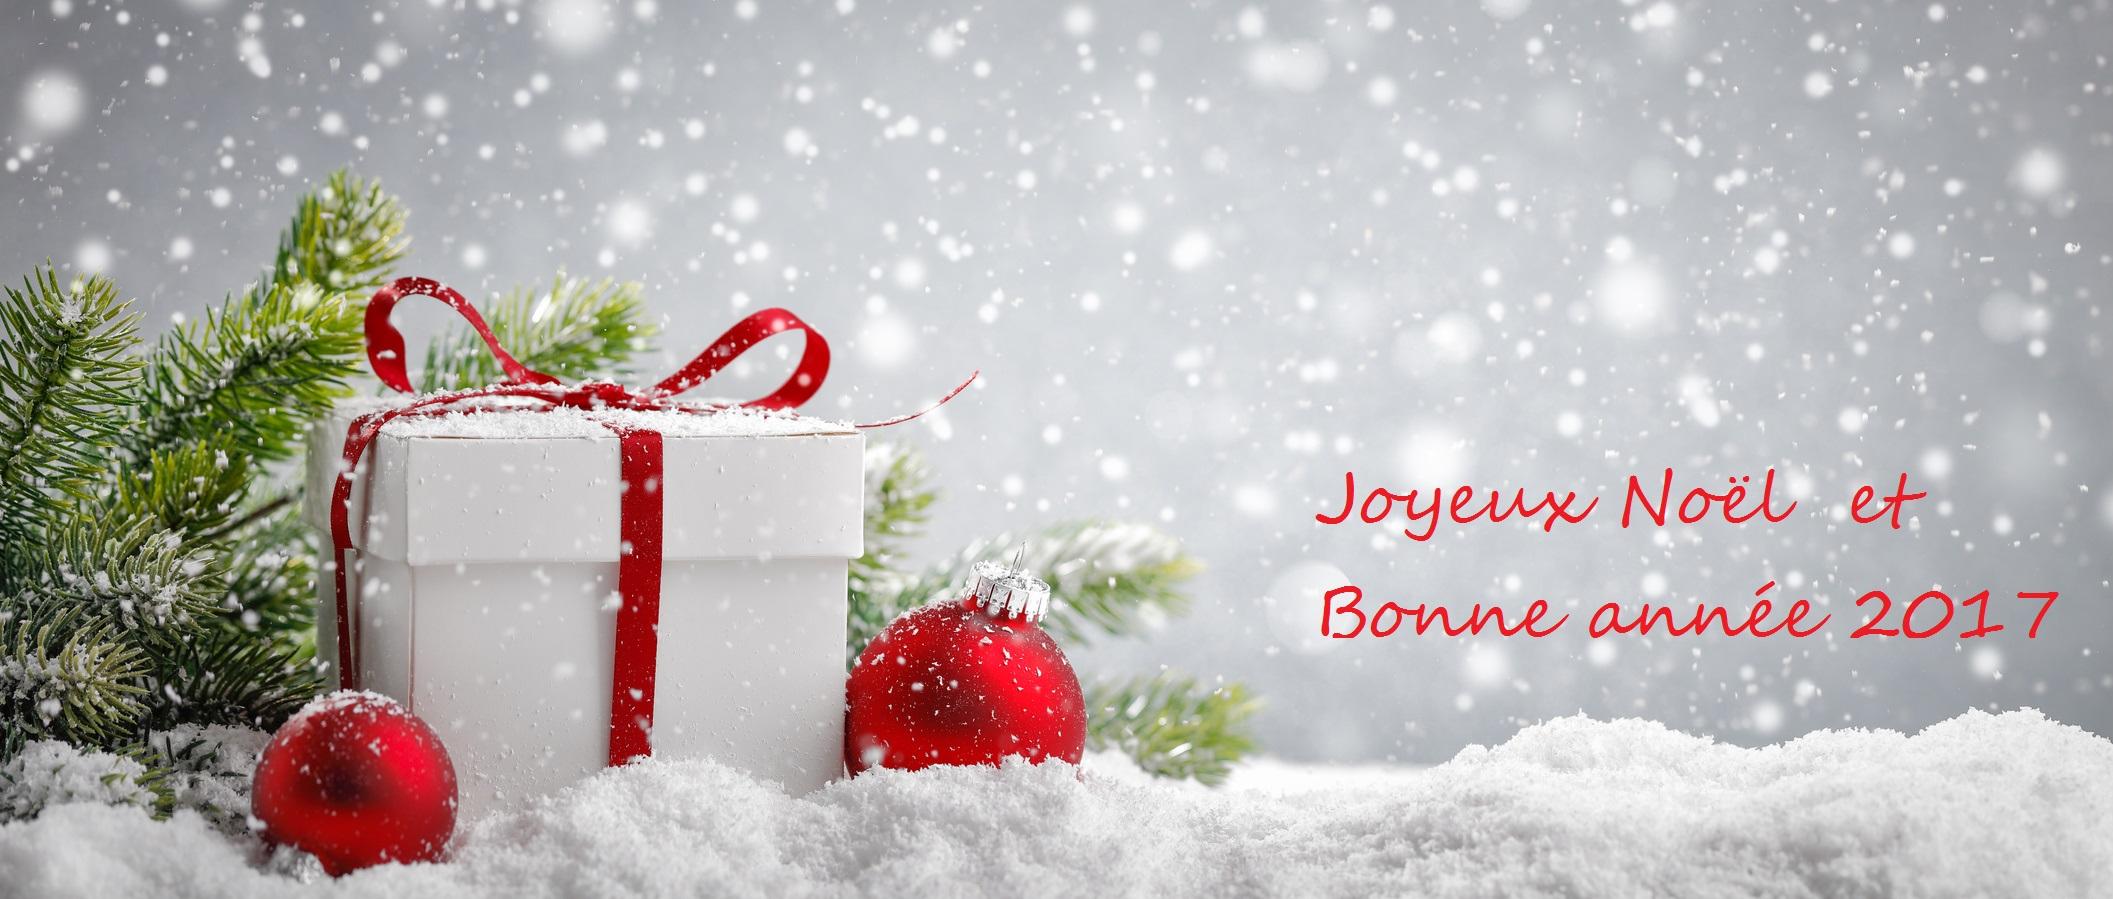 """Résultat de recherche d'images pour """"joyeux noel et bonne année 2017"""""""